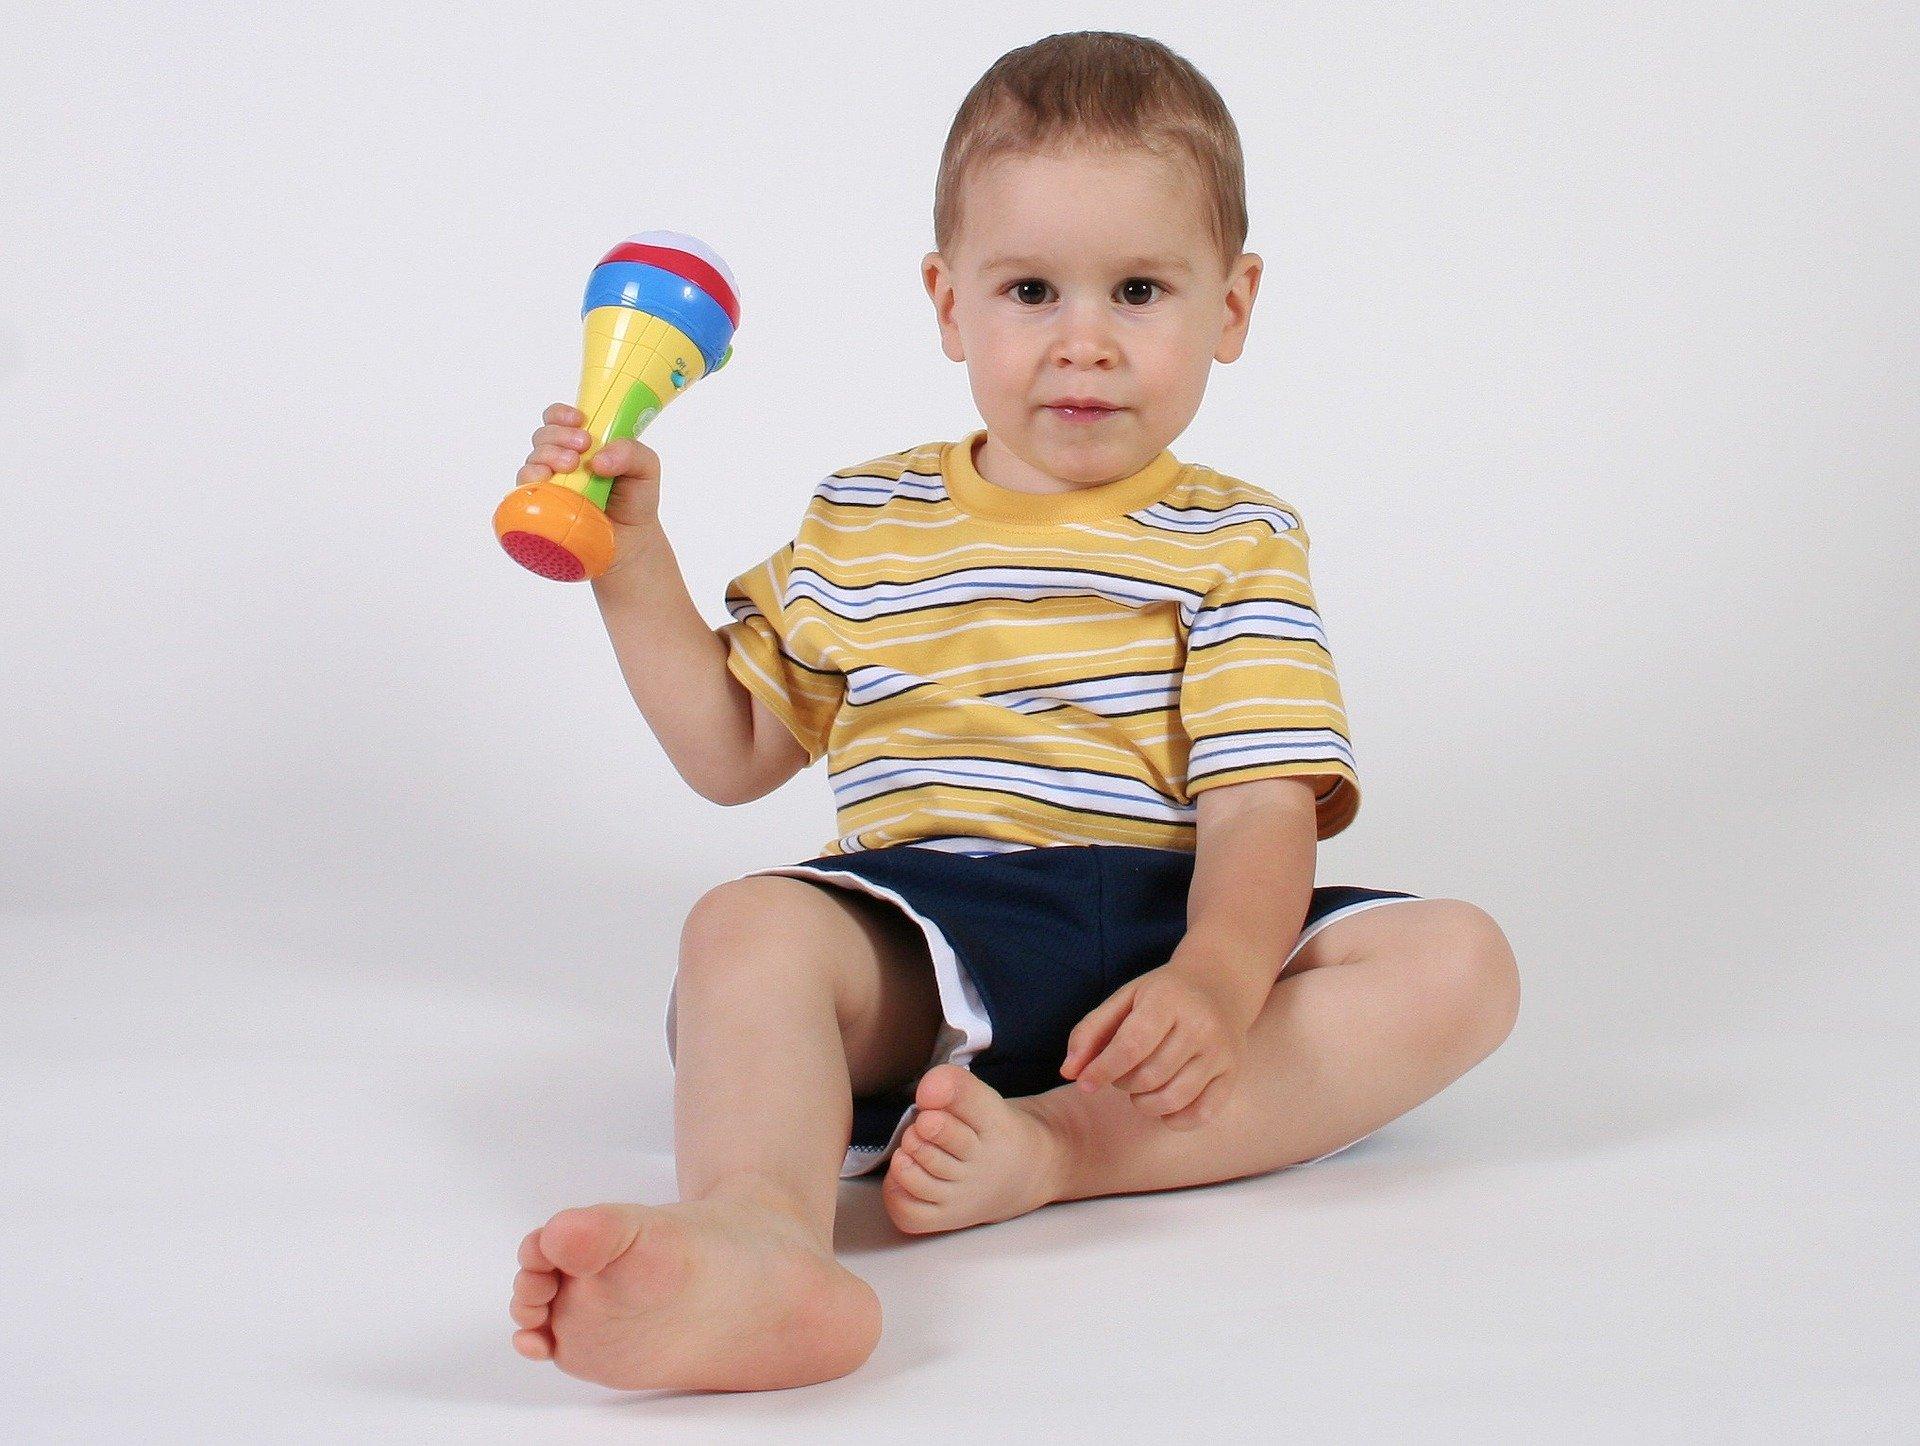 Il bambino butta tutto per terra: cause e soluzioni   Sitly Blog